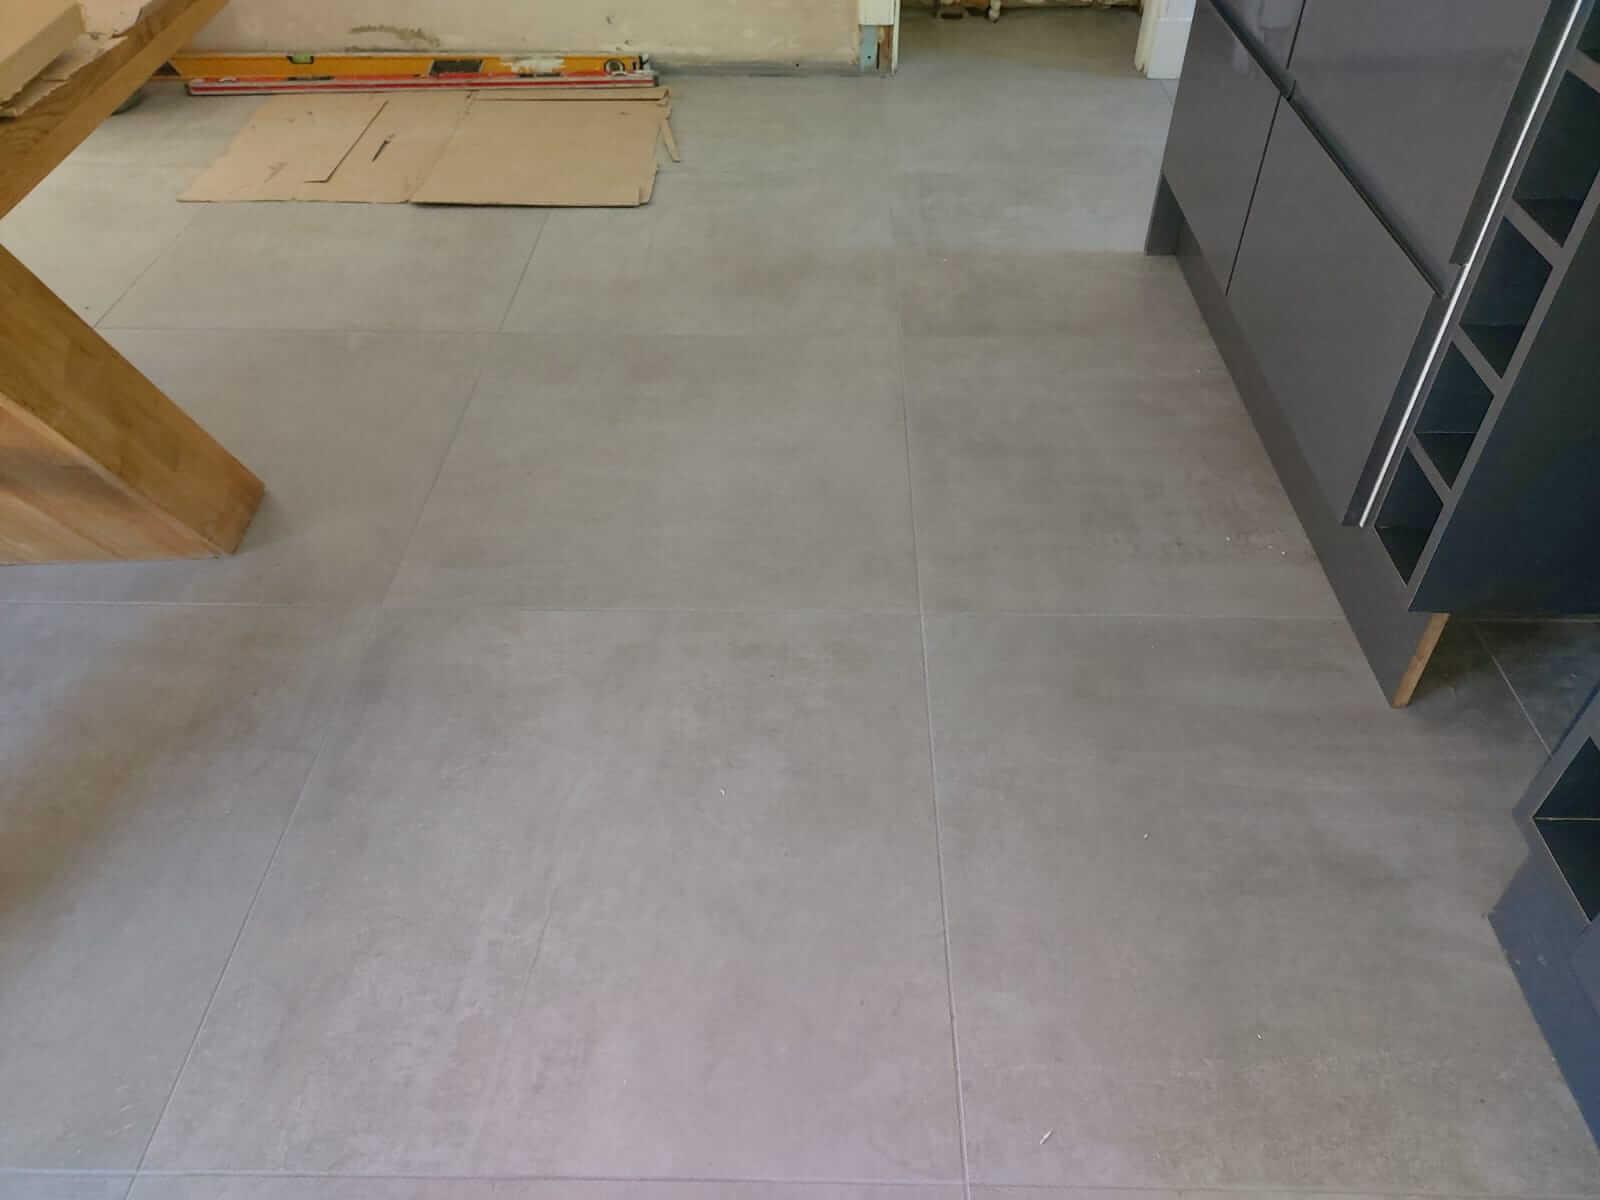 floor tiles in the garage, Glasgow